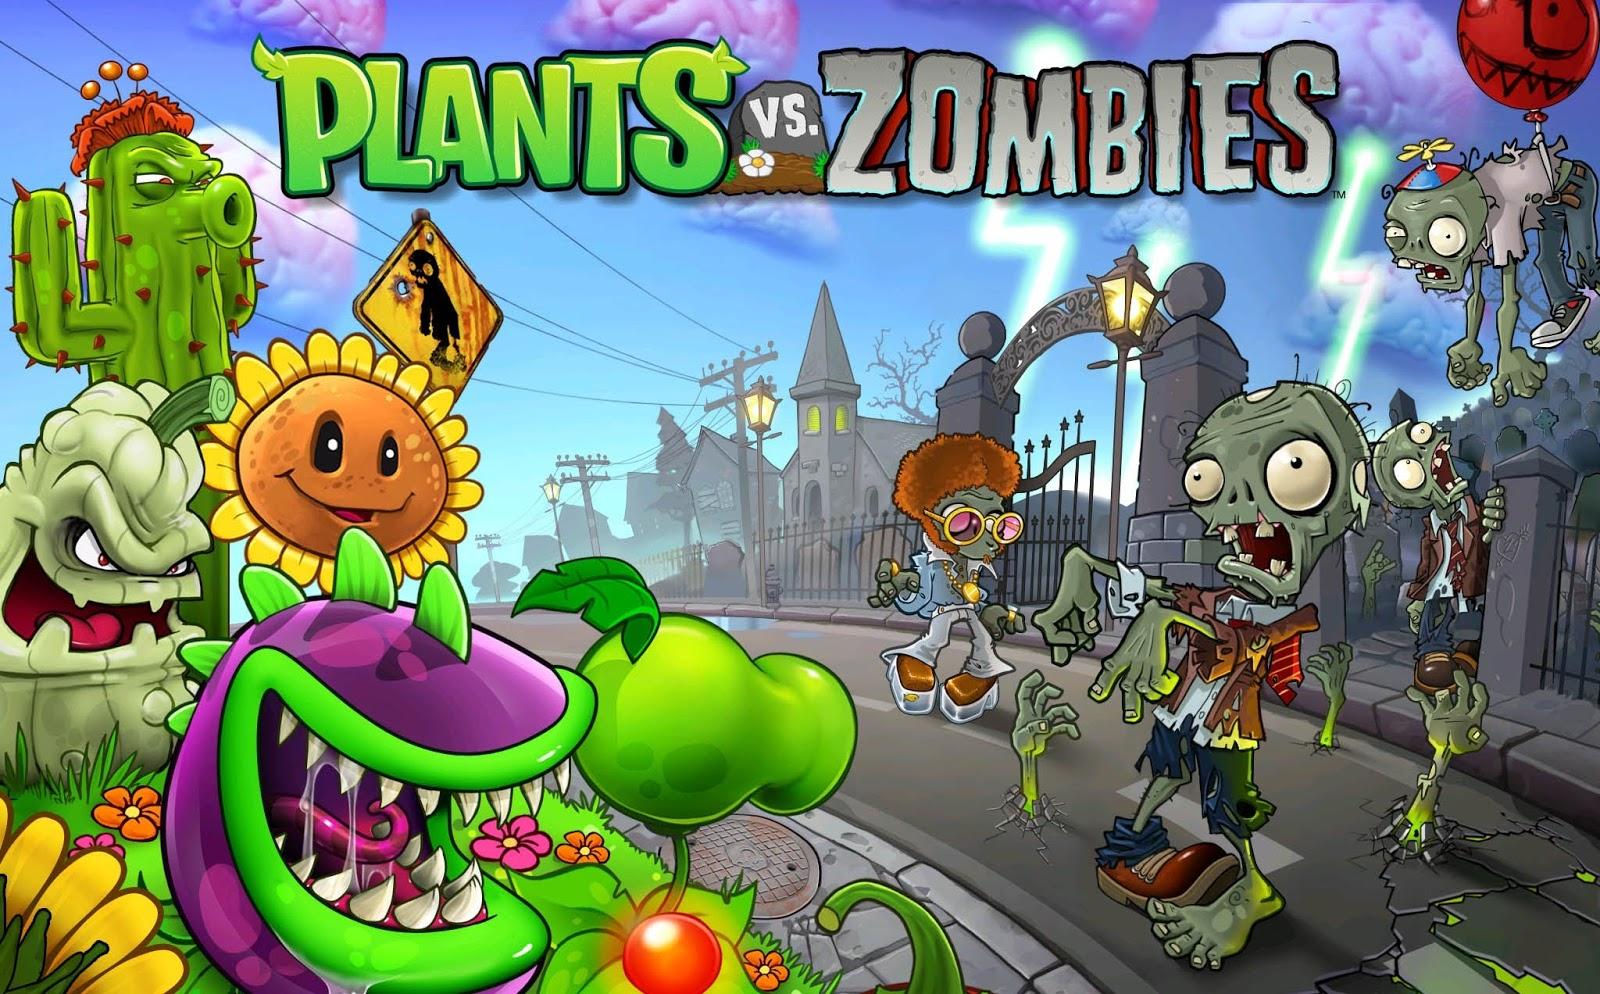 لعبة النباتات ضد الزومبي 2 كاملة بدون تحميل